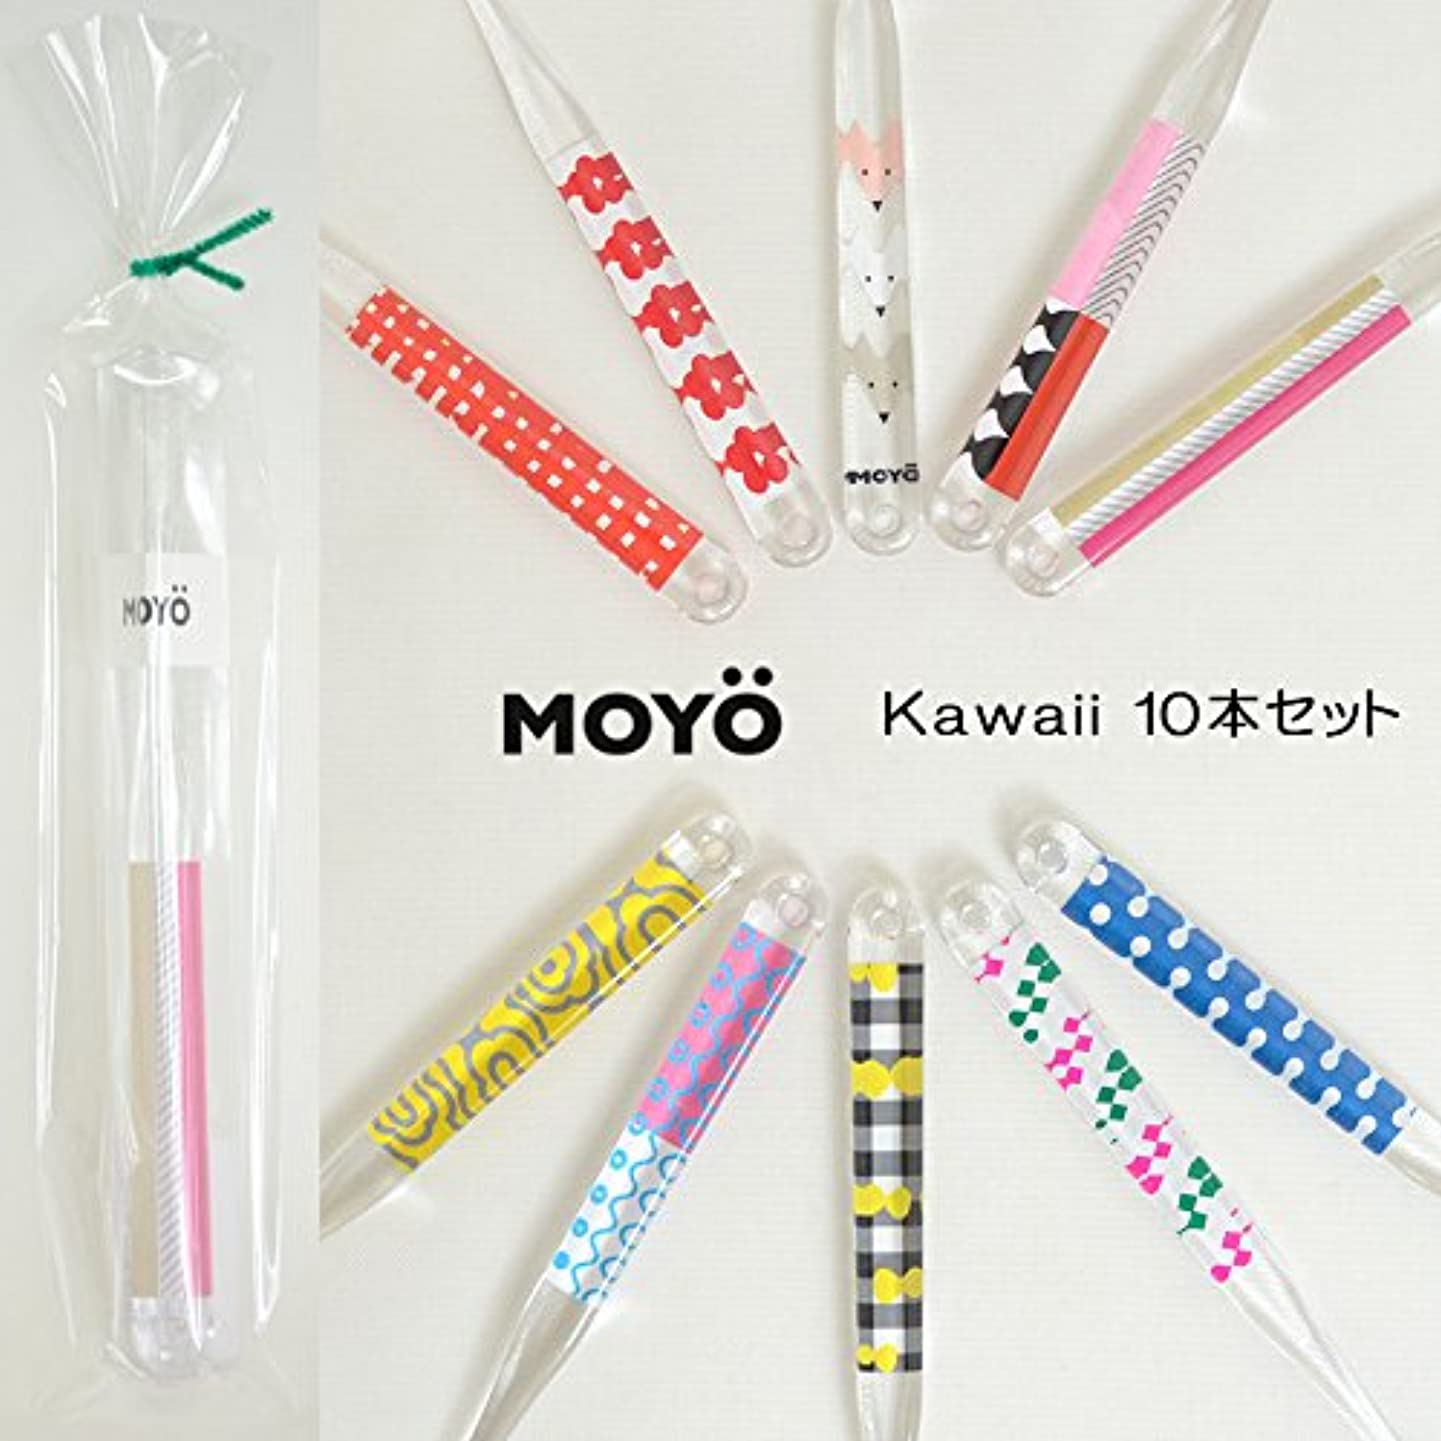 栄光の発生ちなみにMOYO モヨウ kawaii10本 プチ ギフト セット_562302-kawaii2 【F】,kawaii10本セット